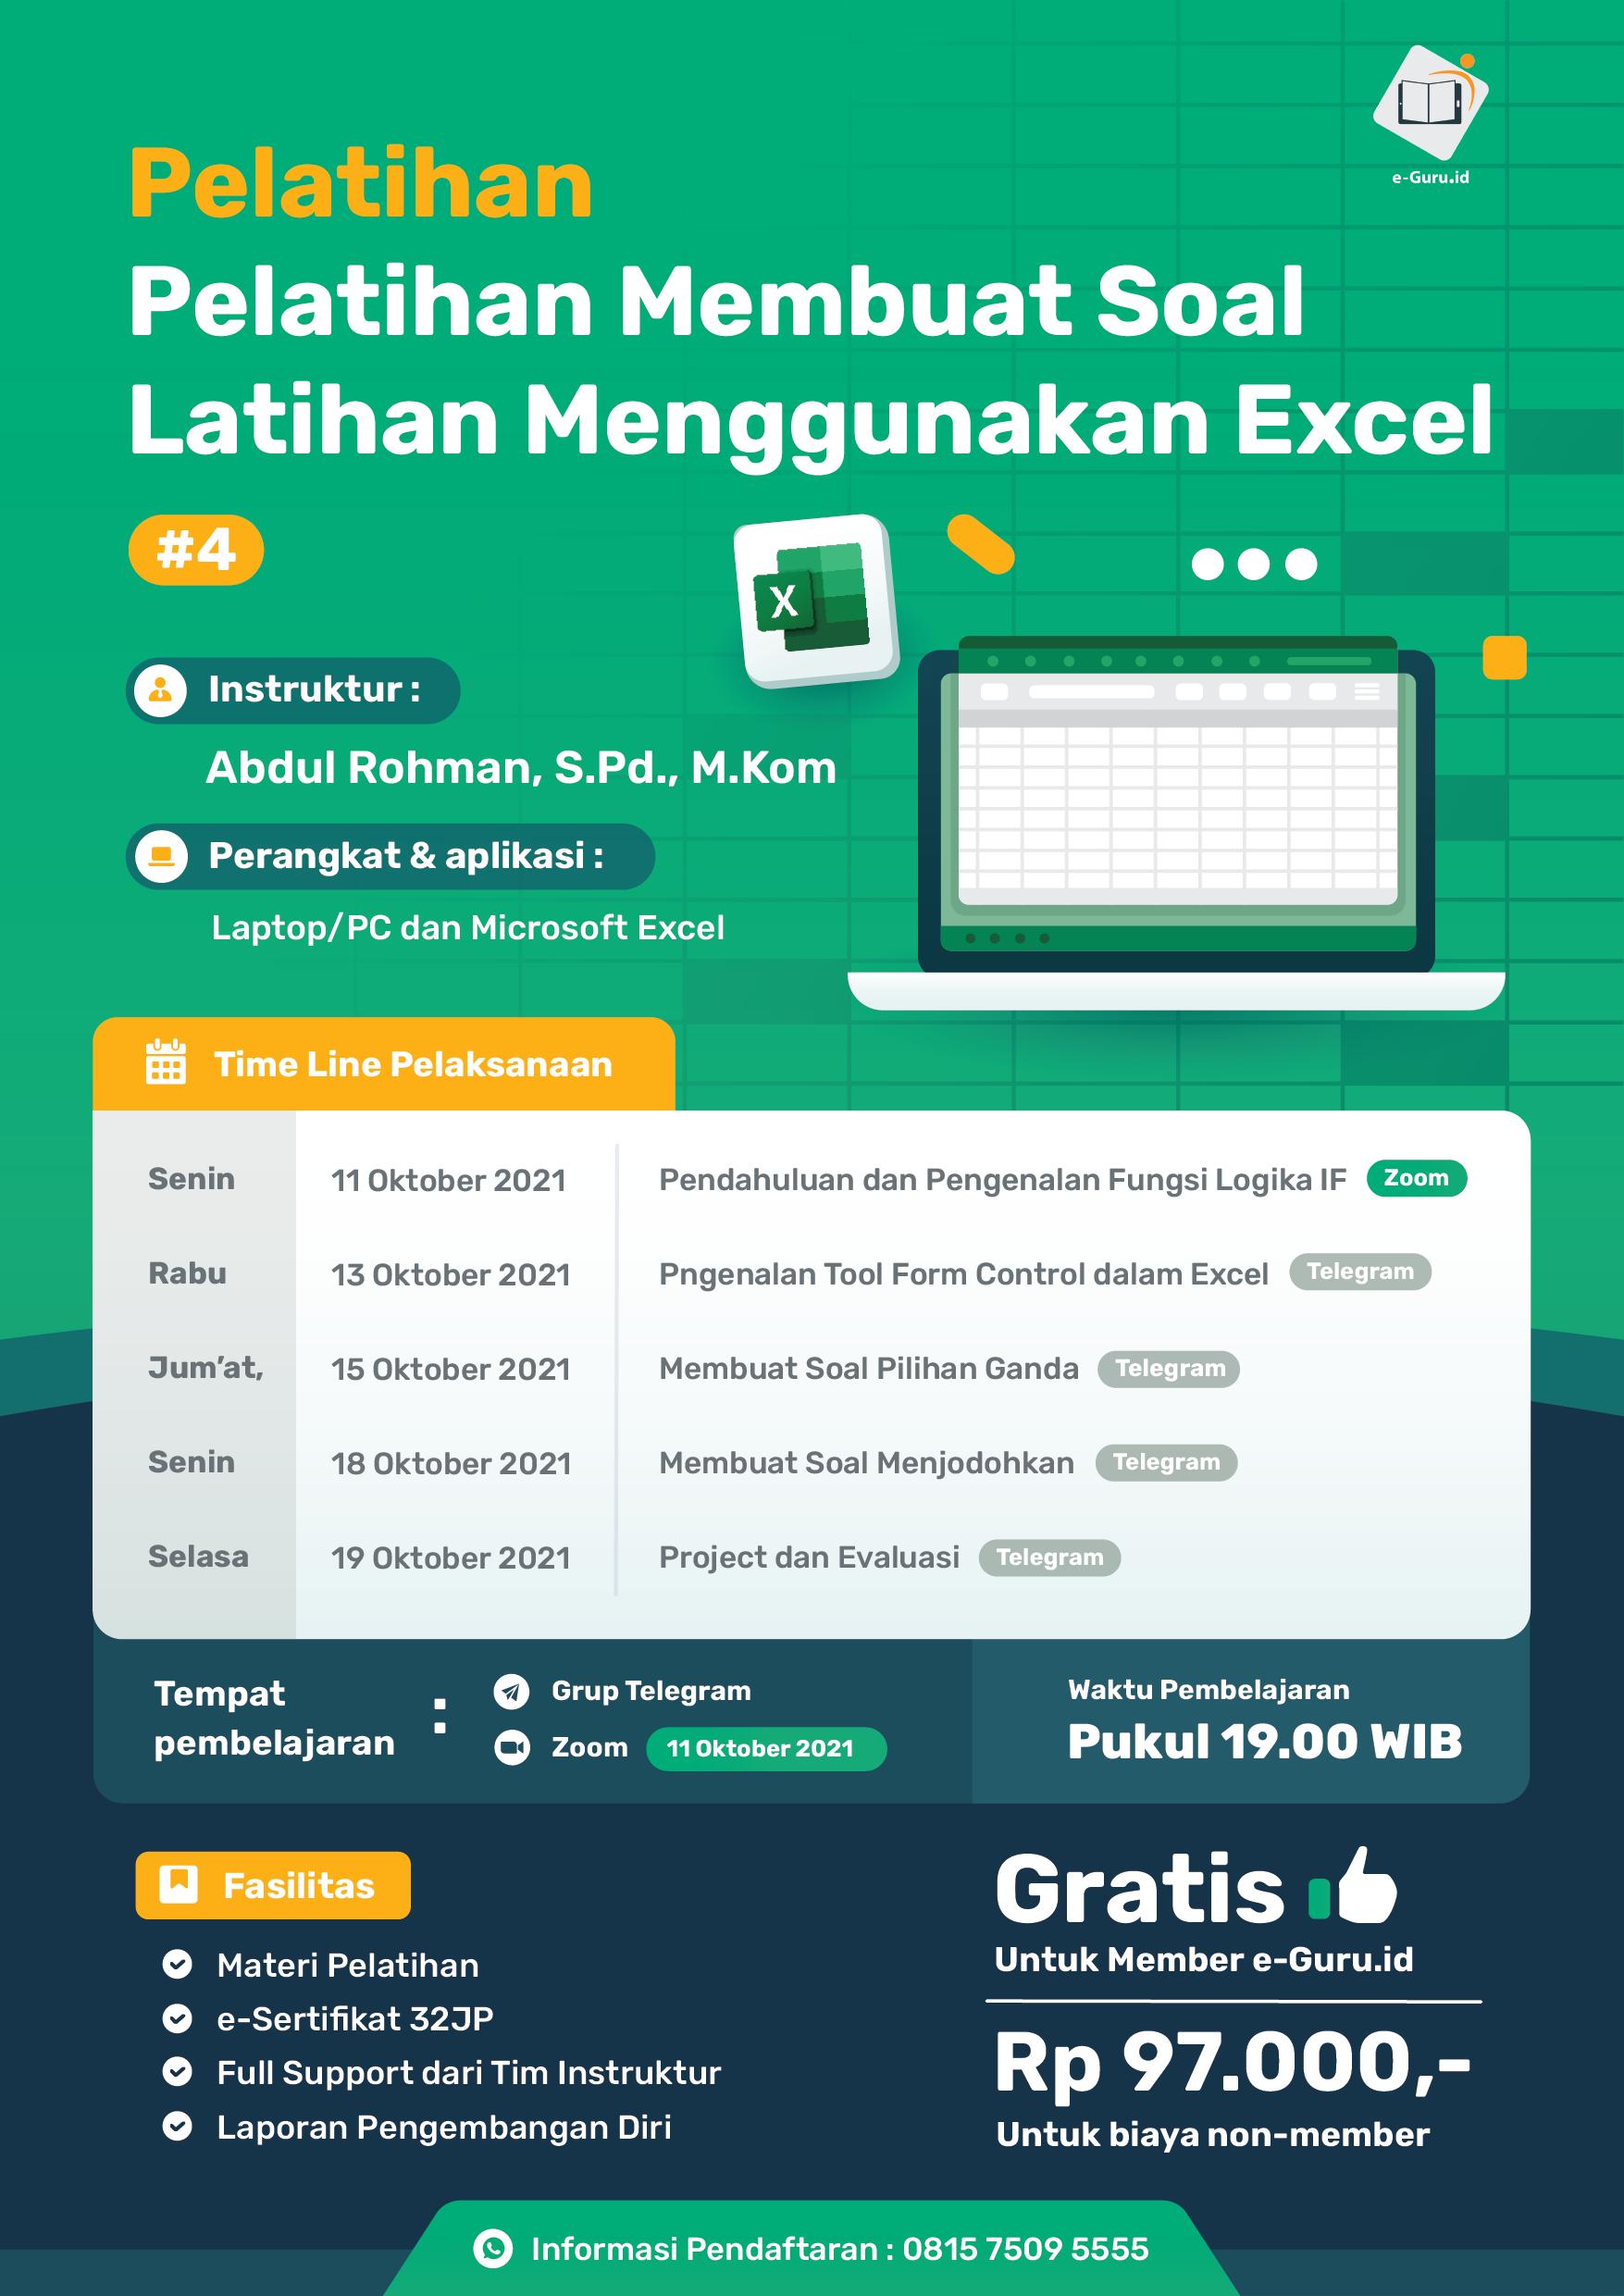 07. Pelatihan Membuat Soal Latihan Menggunakan Excel-02